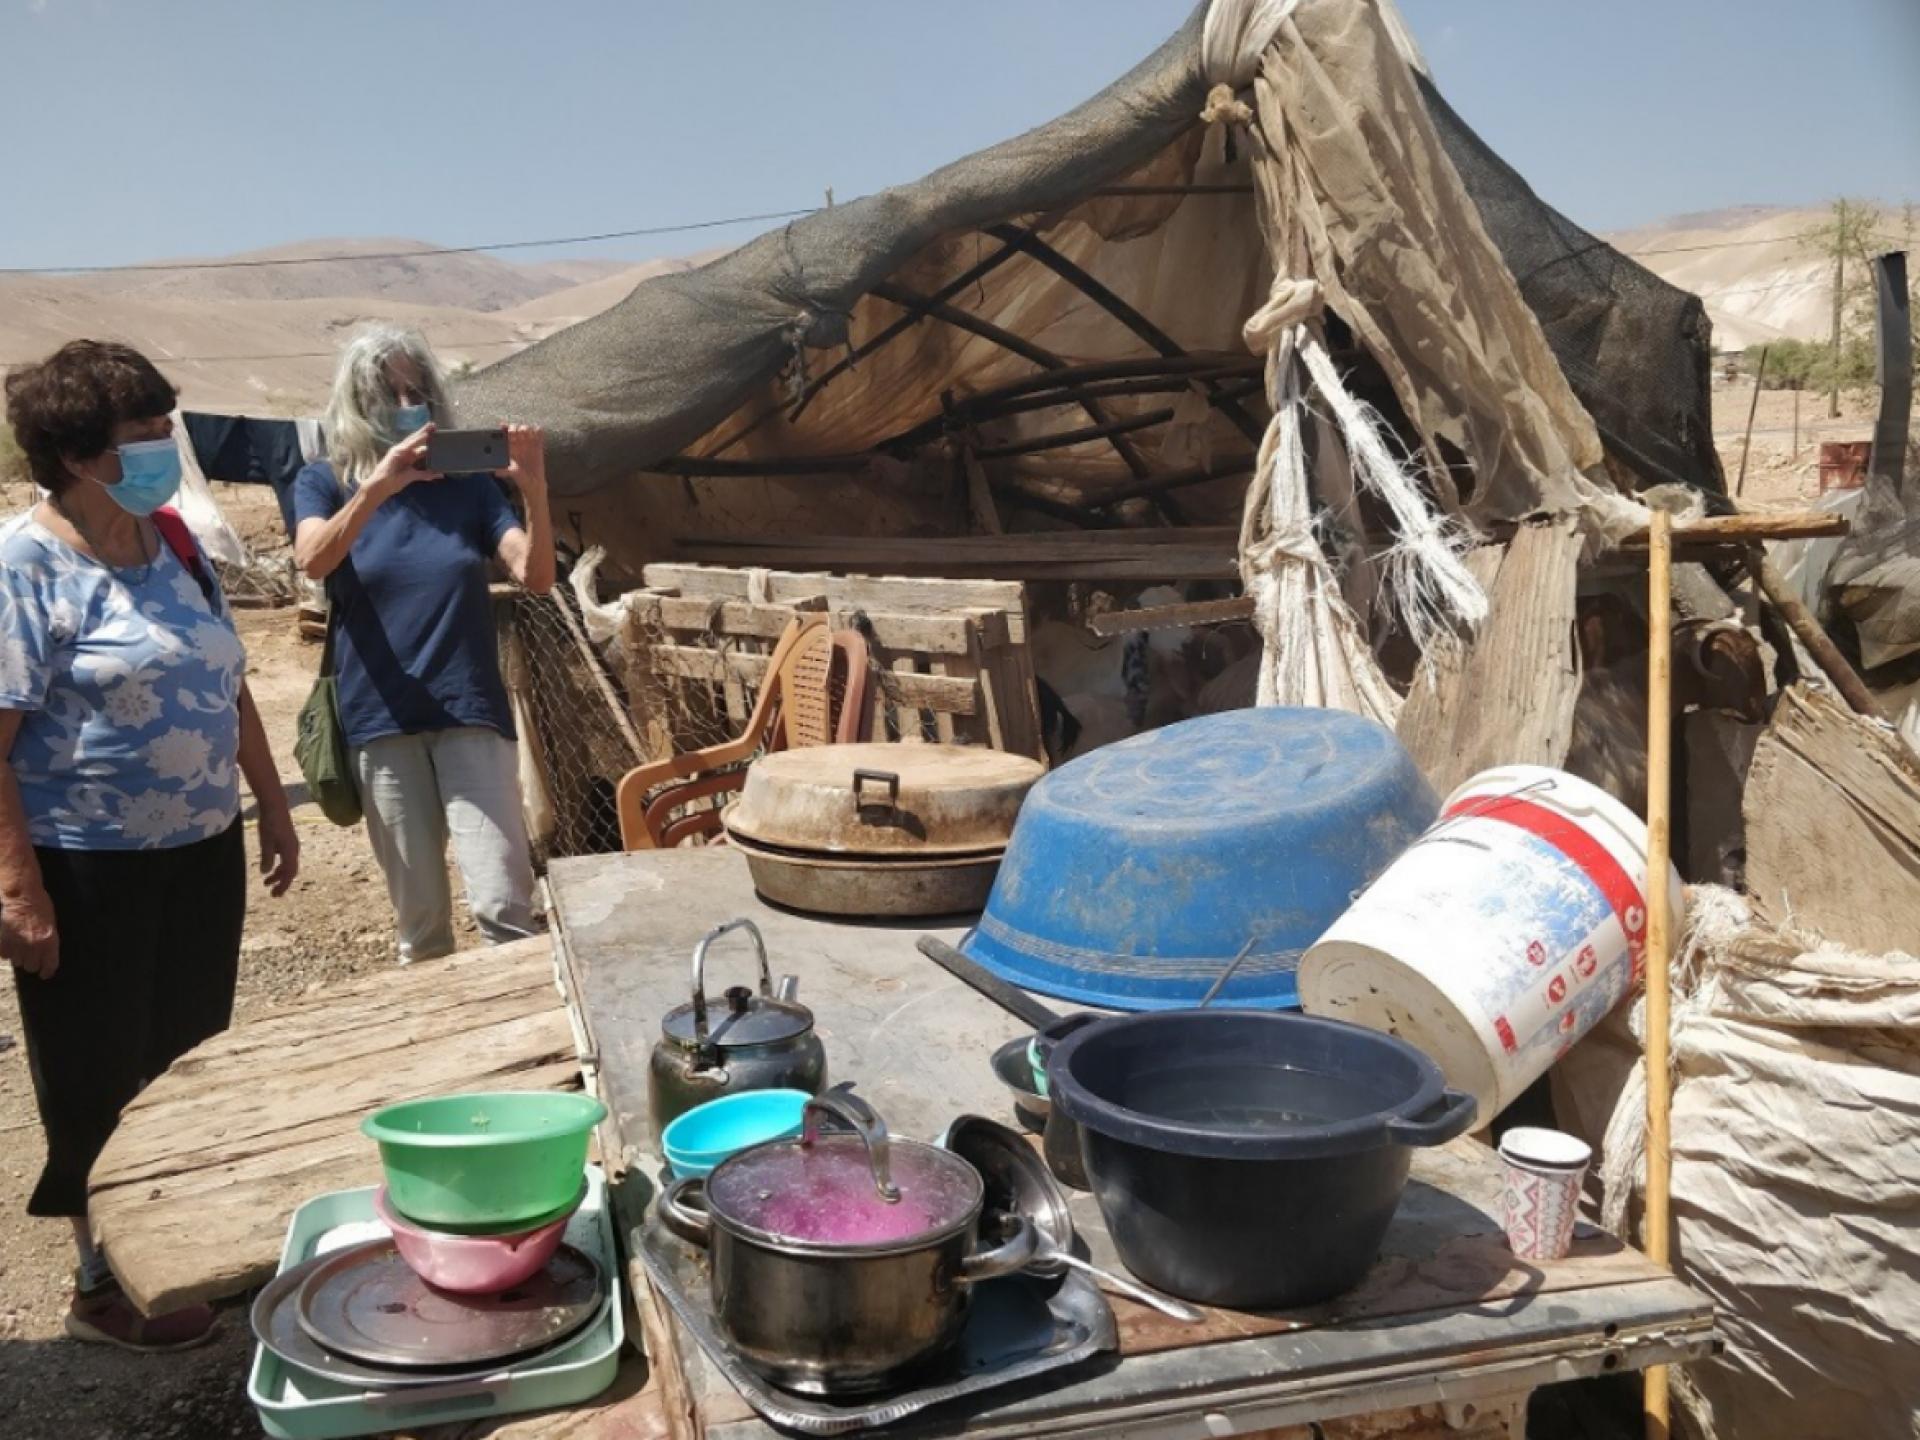 כלי מטבח ליד ההריסות והצללה מאולתרת